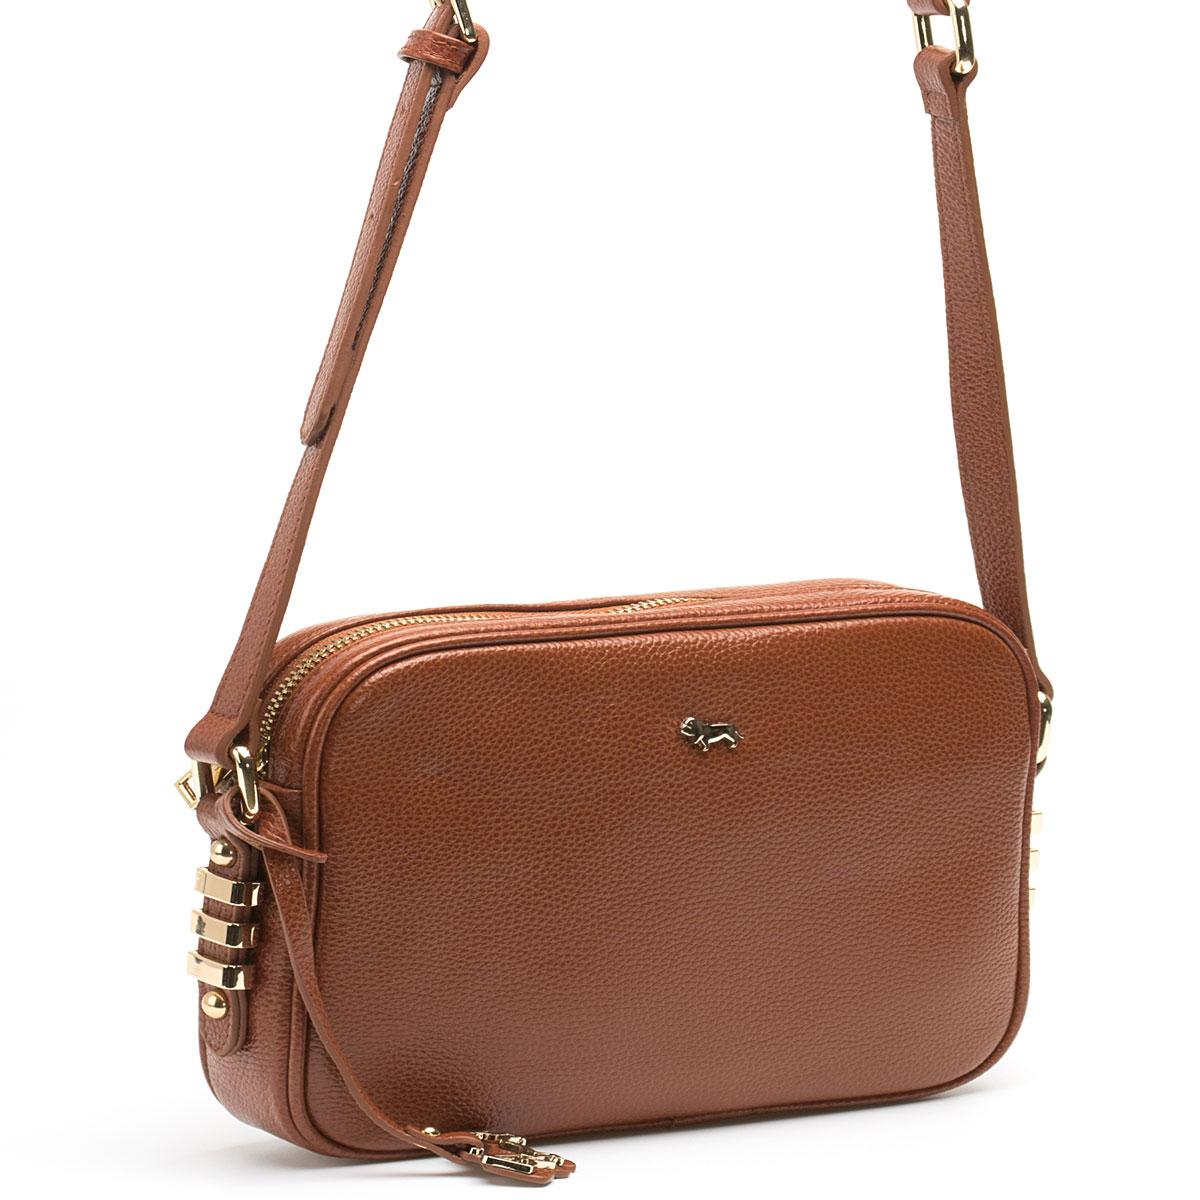 Сумка кросс-боди женская Labbra, цвет: коричневый. L-8329L-8329Женская сумка торговой марки LABBRA из натуральной кожи. Сумка закрывается на металлическую молнию. Внутри - одно отделение, в котором есть карман на молнии, карман для мобильного телефона и открытый карман. Сумка имеет карман на задней стенке. Данная модель кросс-боди, длина наплечного ремня - 115 см.